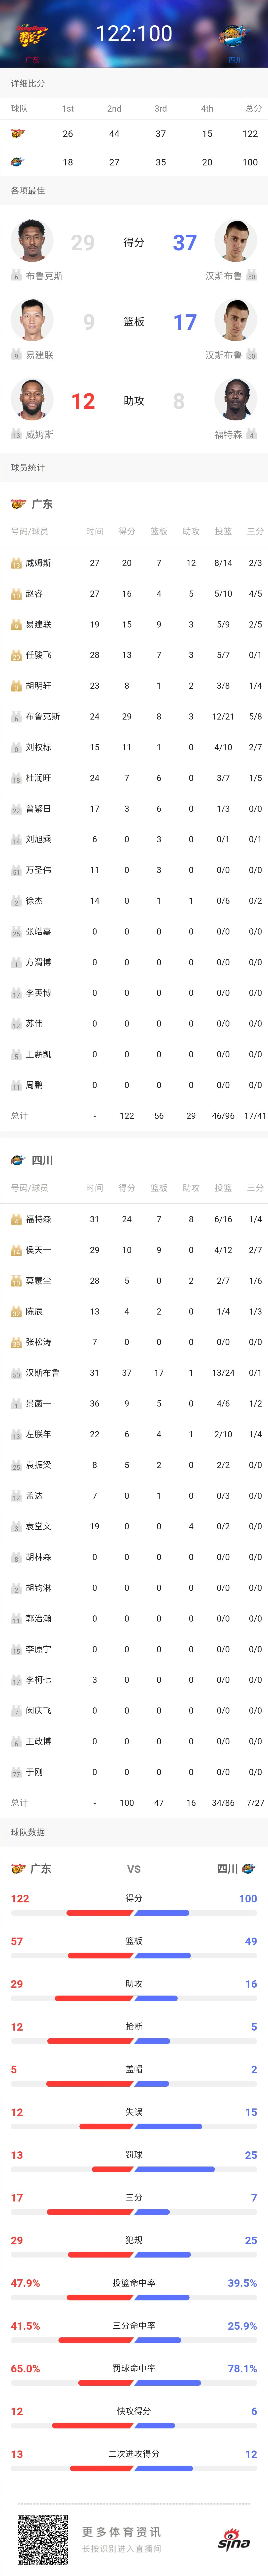 主场122-100战胜@四川金强蓝鲸篮球俱乐部官方微博